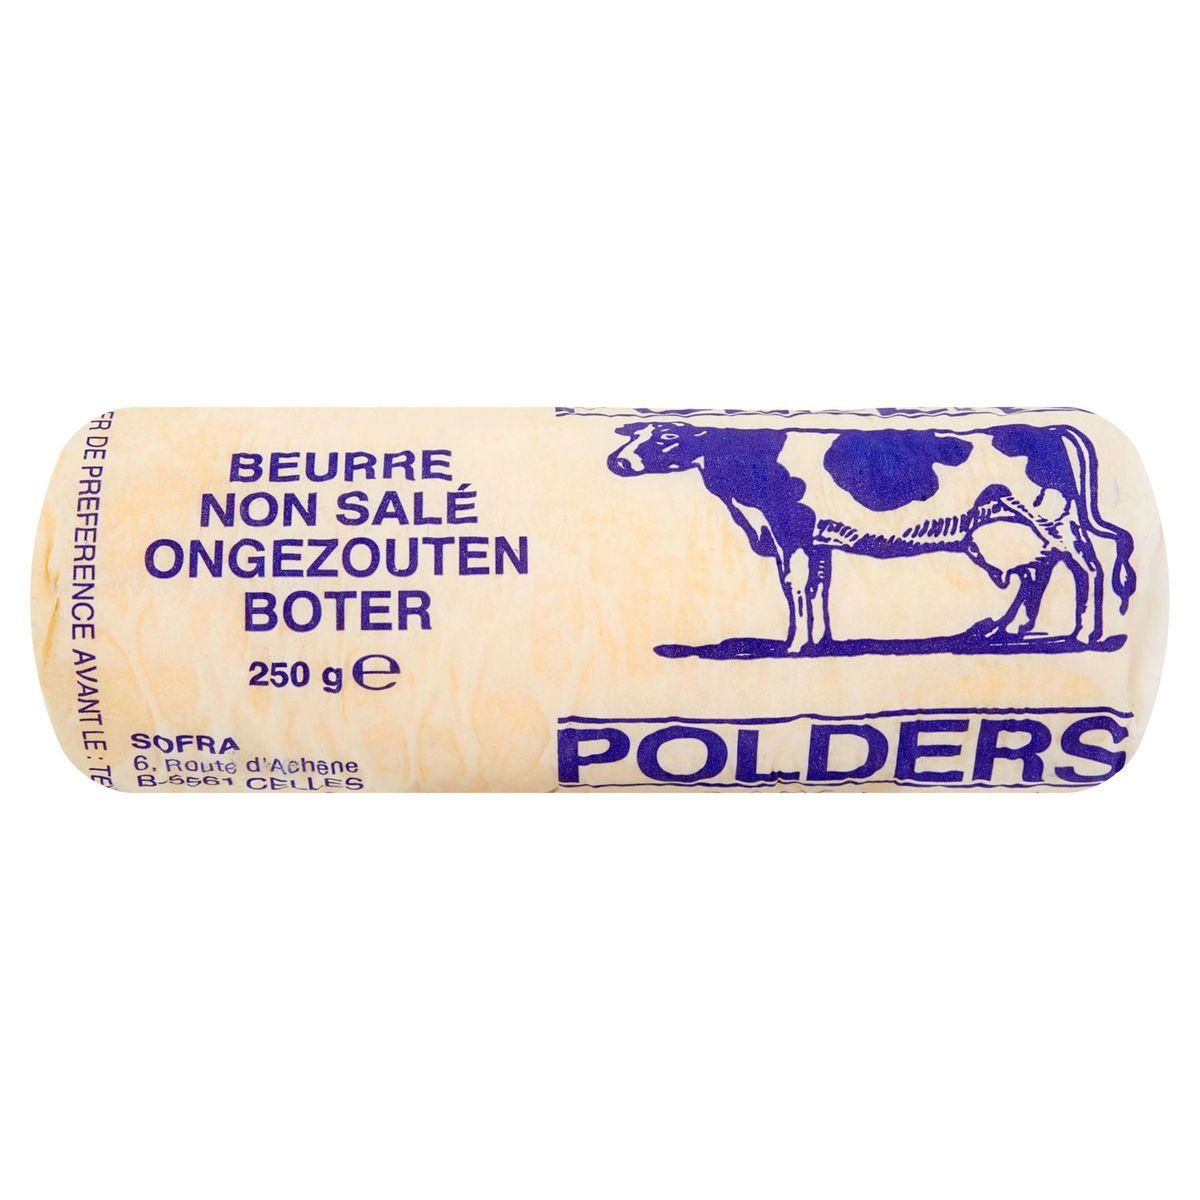 Polders Ongezouten Boter 250 g